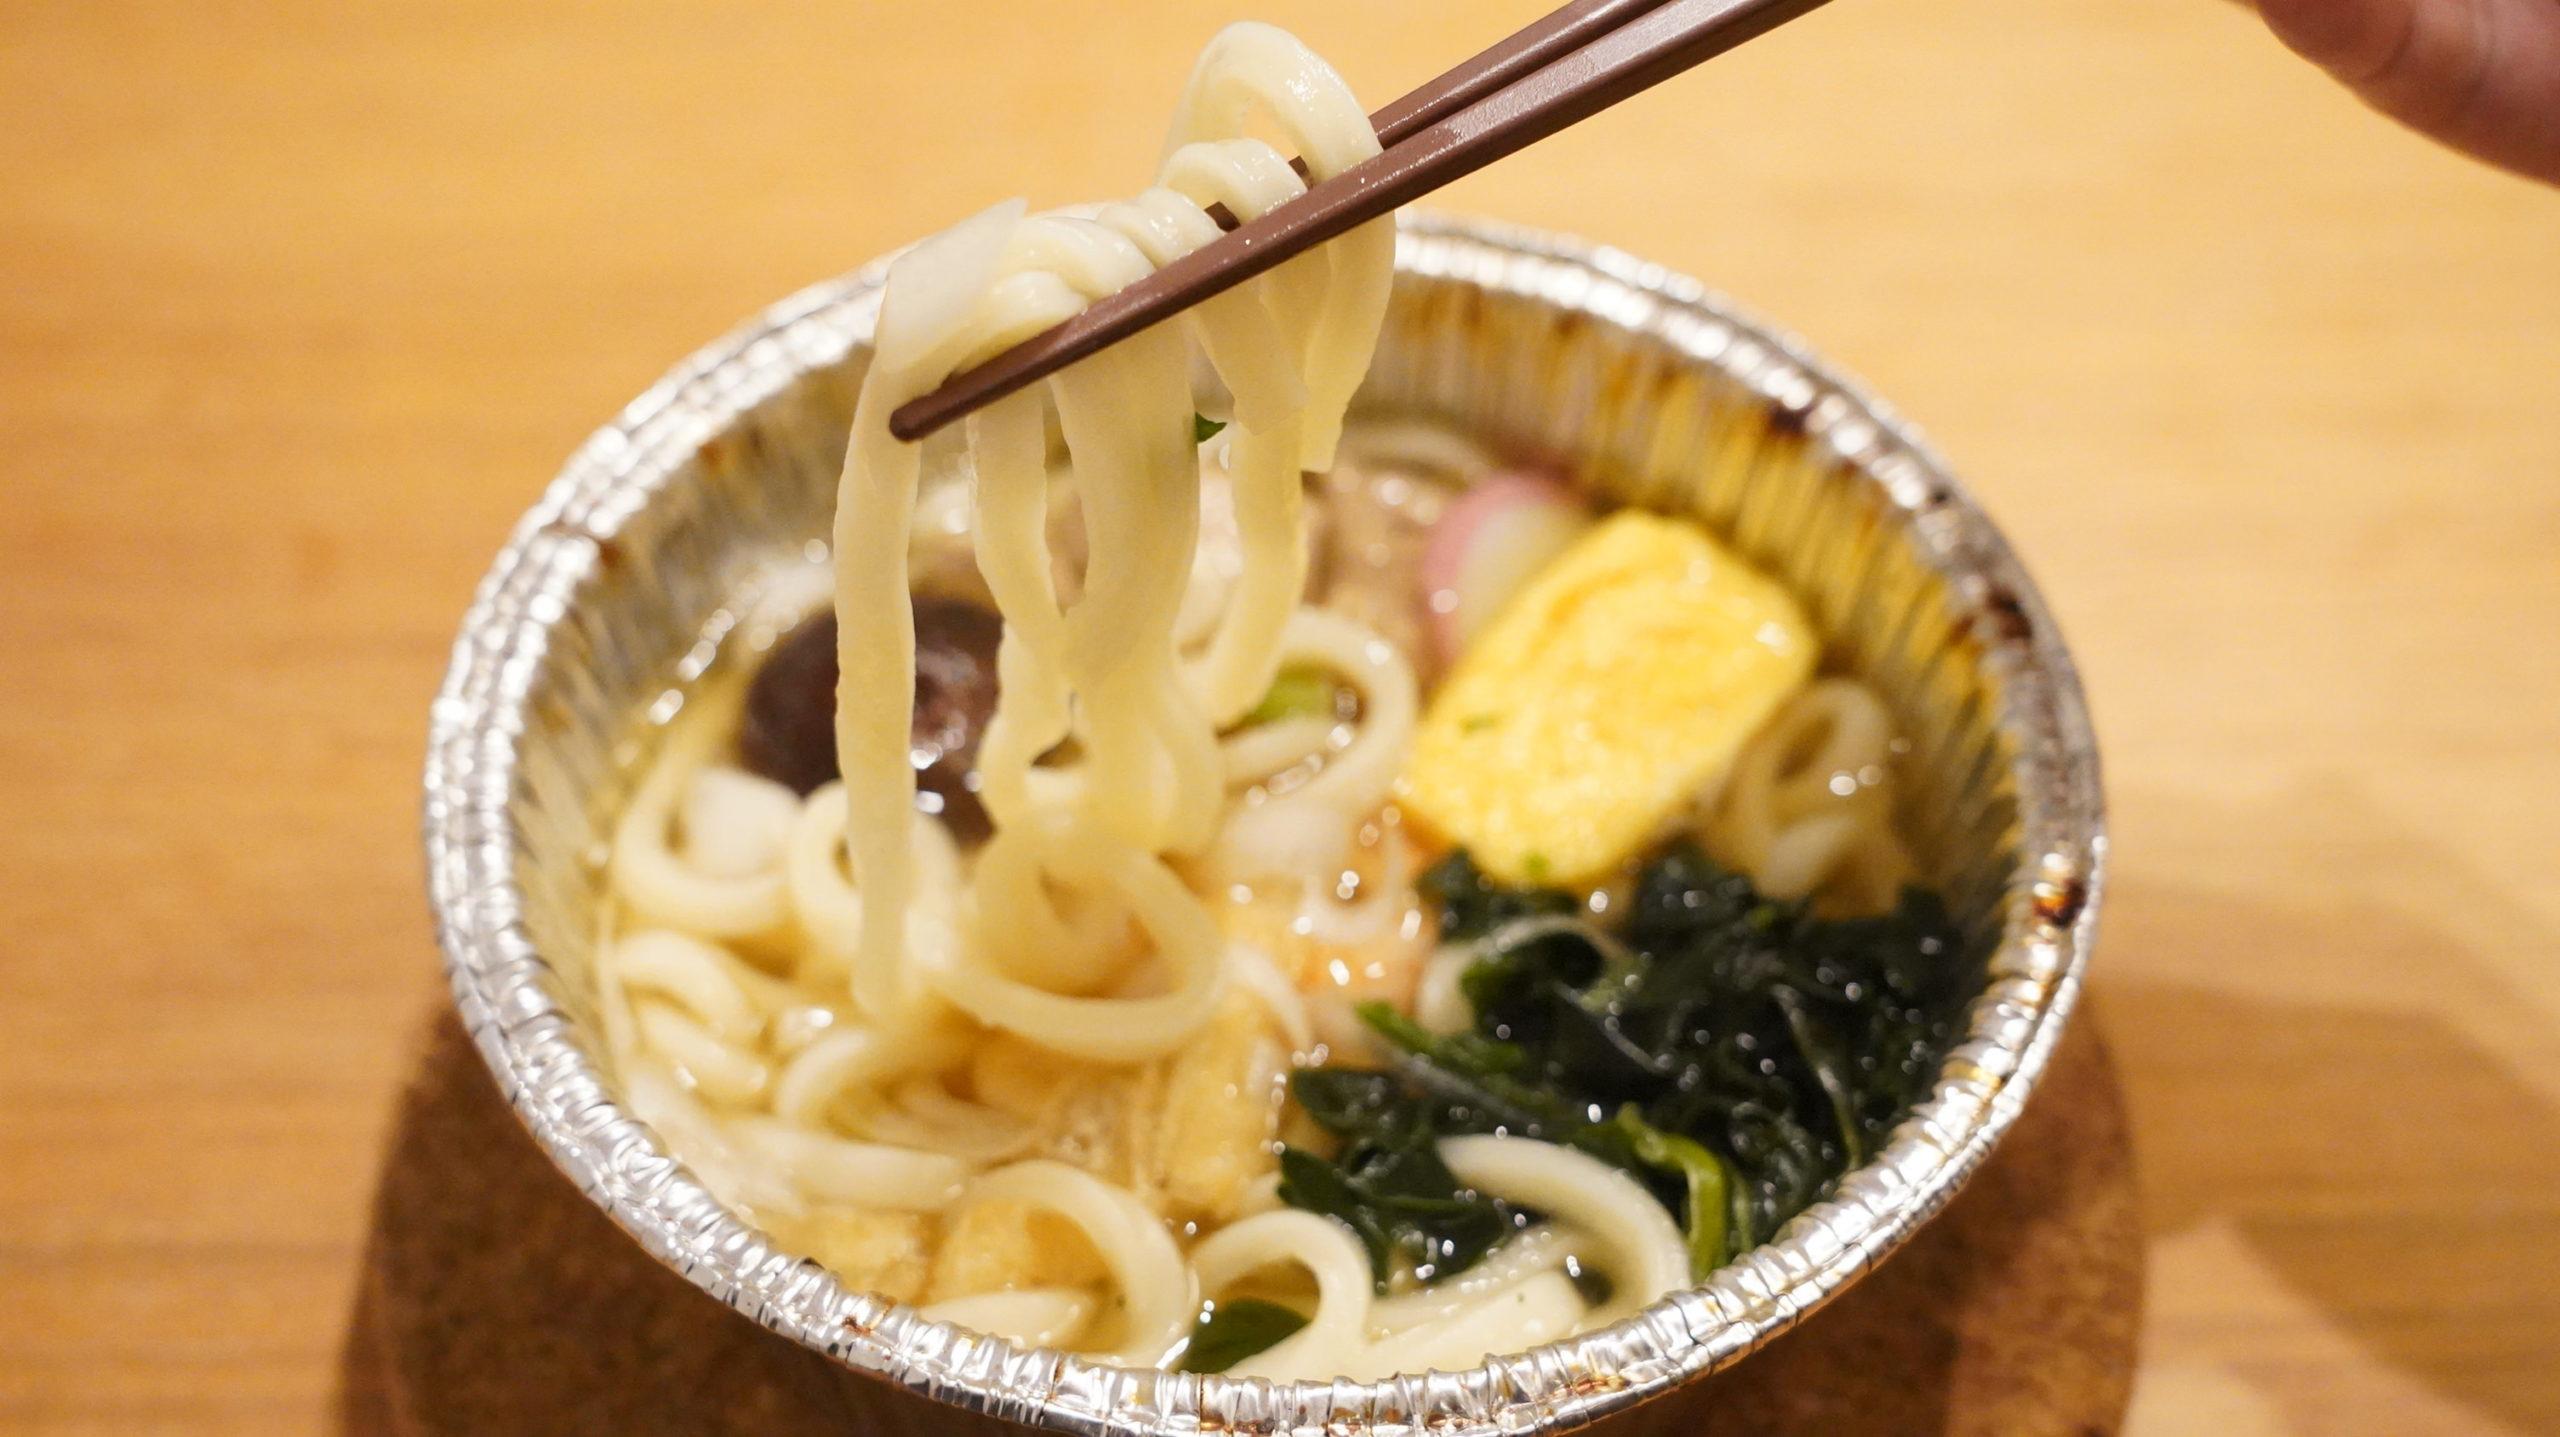 ファミリーマートの冷凍食品「だしが自慢の鍋焼うどん」を箸で持ち上げている写真